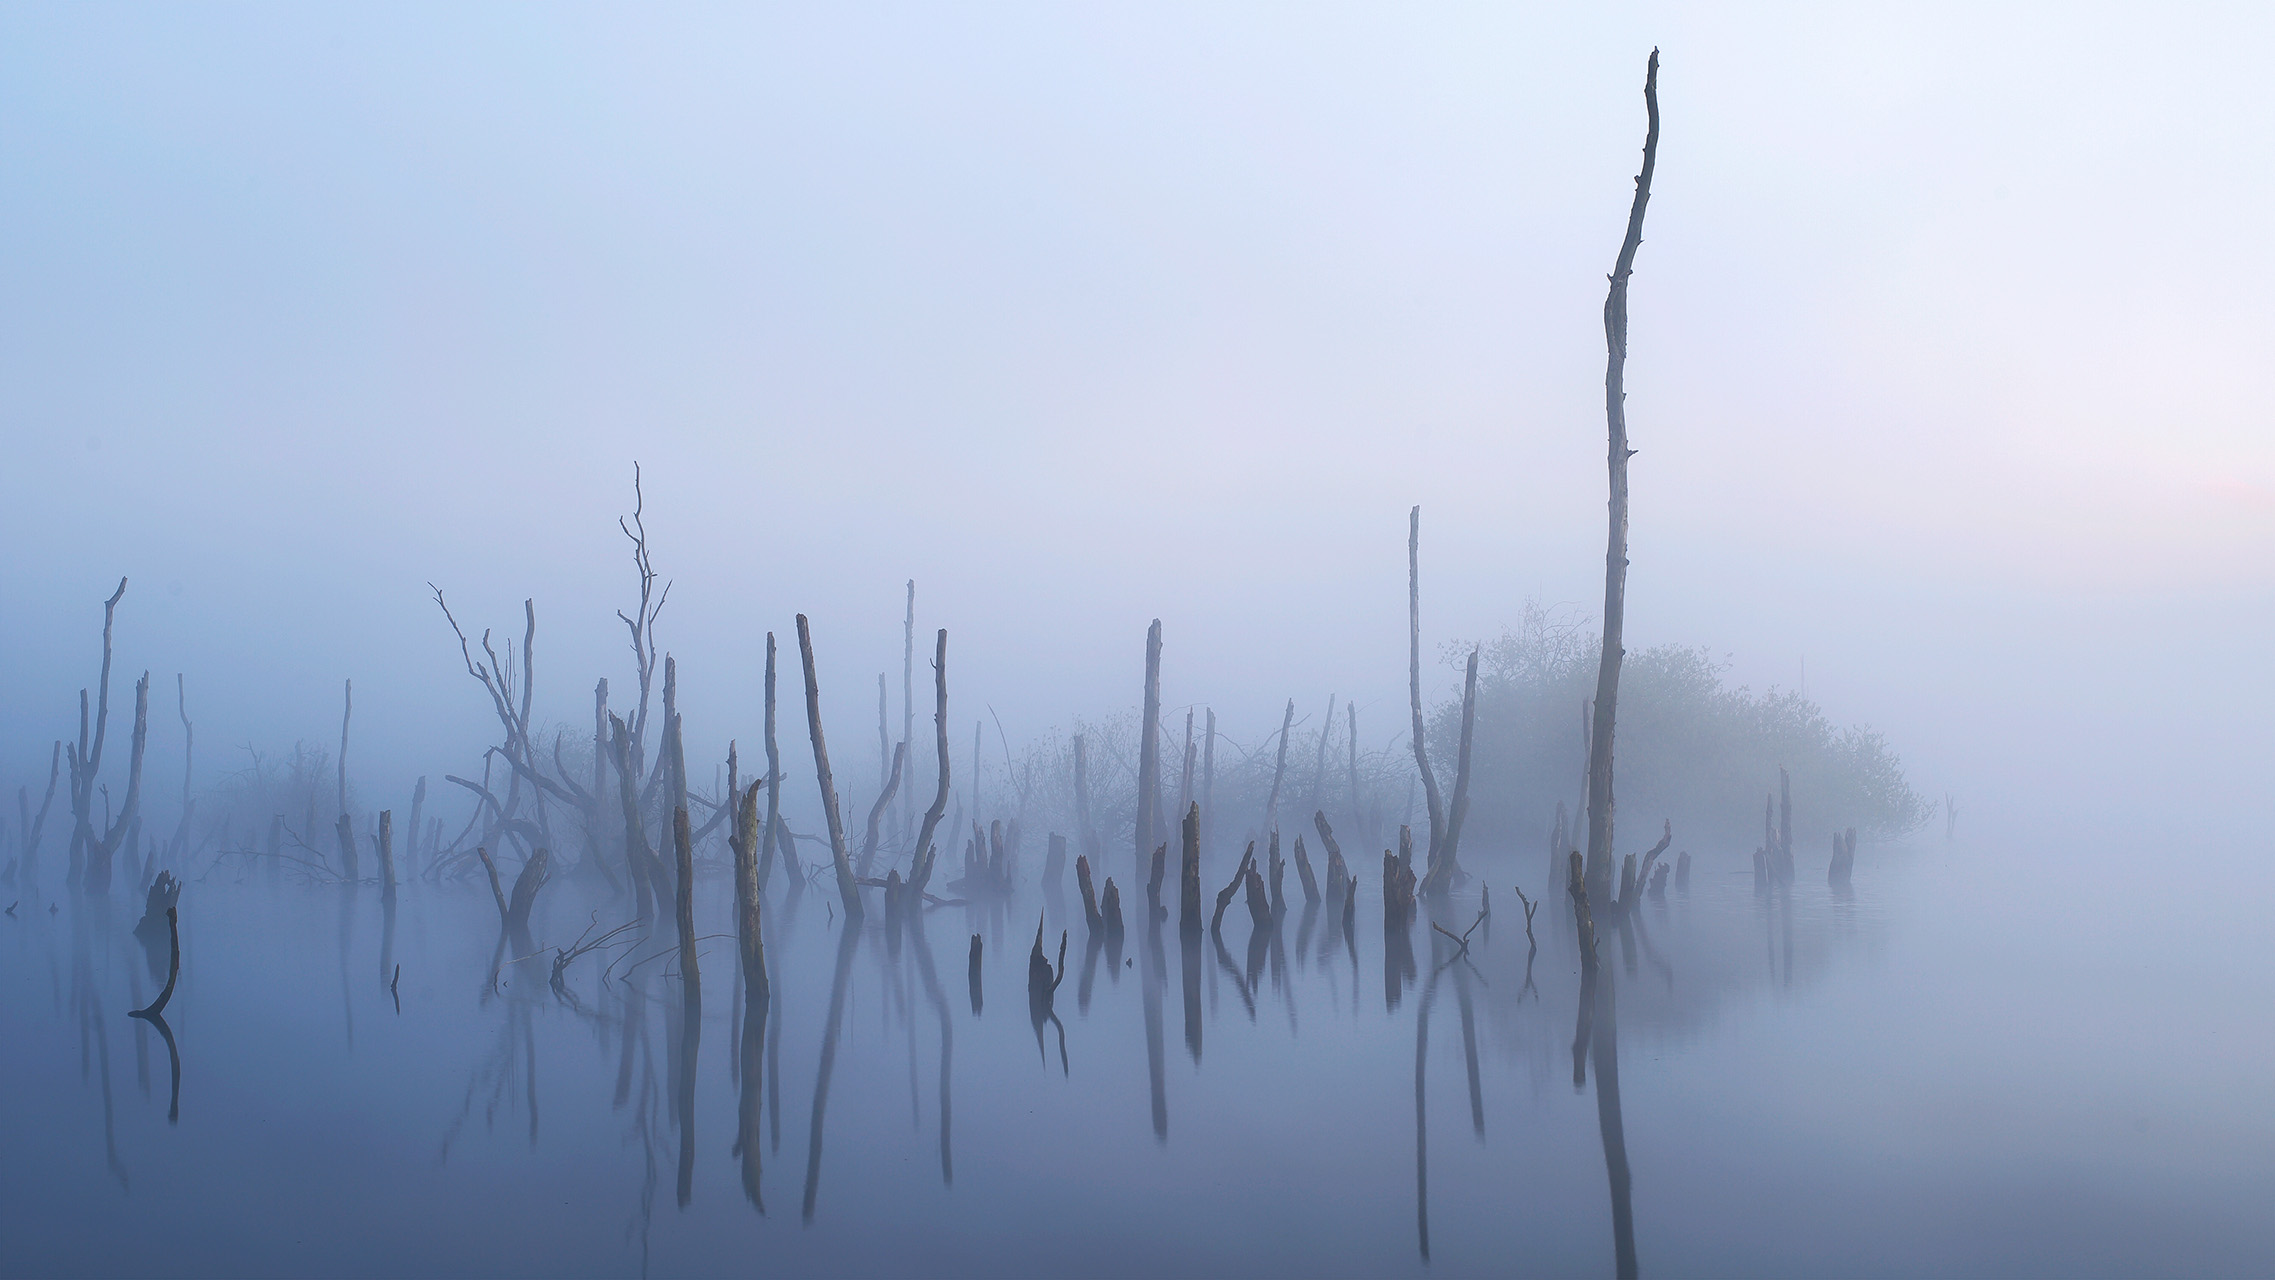 Timing is alles voor fotografen die bijzondere foto's willen maken. Mist geeft vaak een mystieke sfeer.